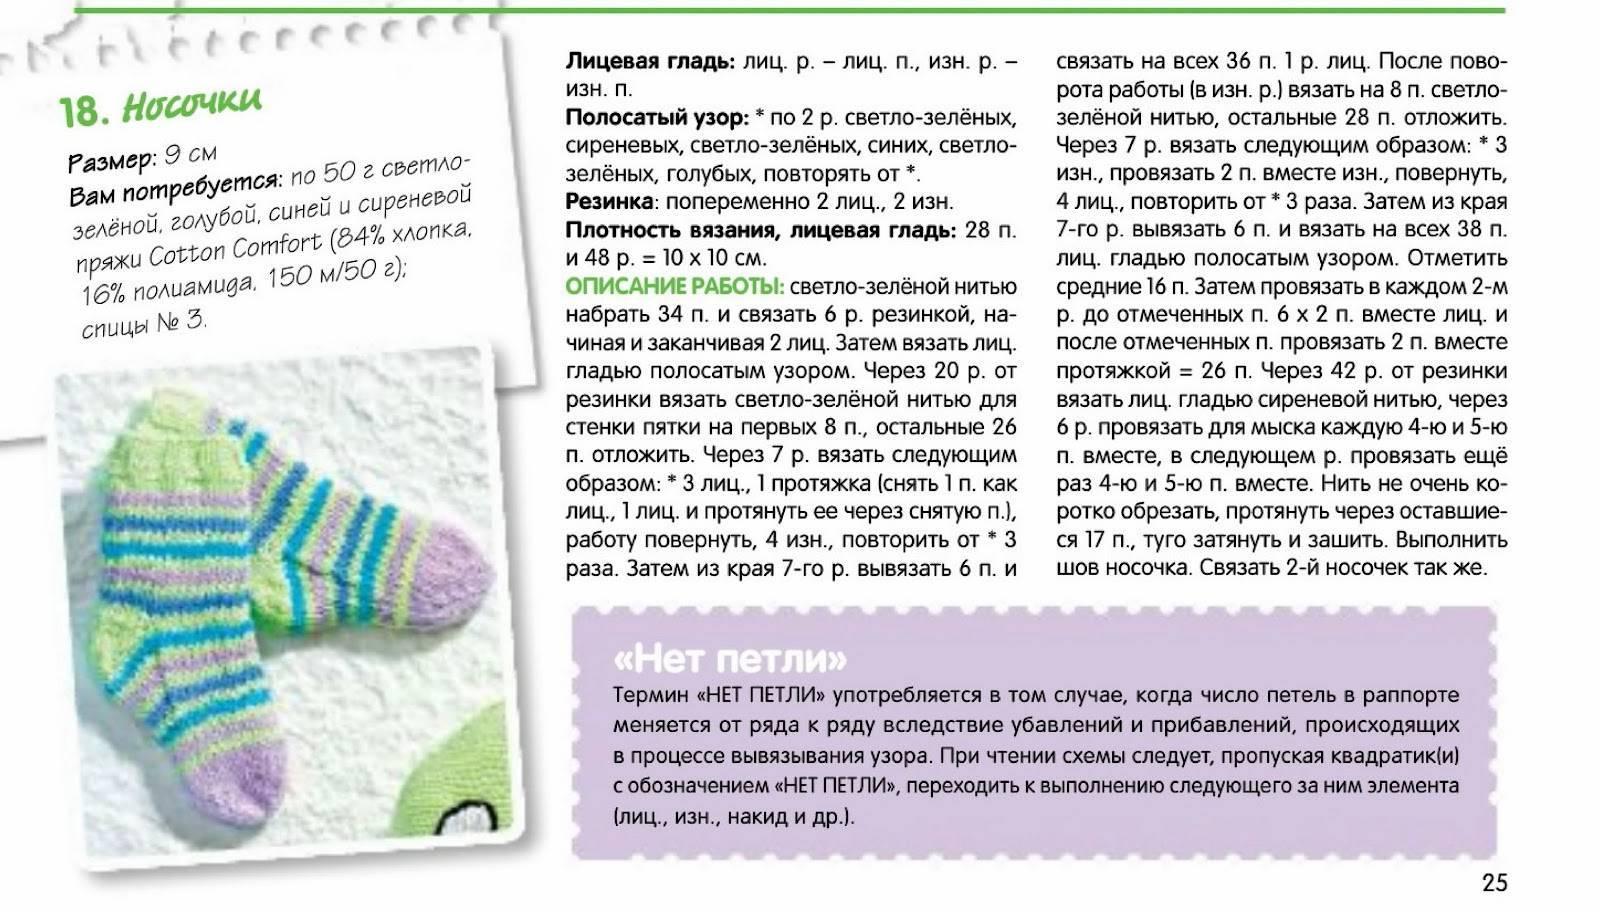 Вязание носочков для новорожденных на двух спицах: схема и пошаговая инструкция для начинающих